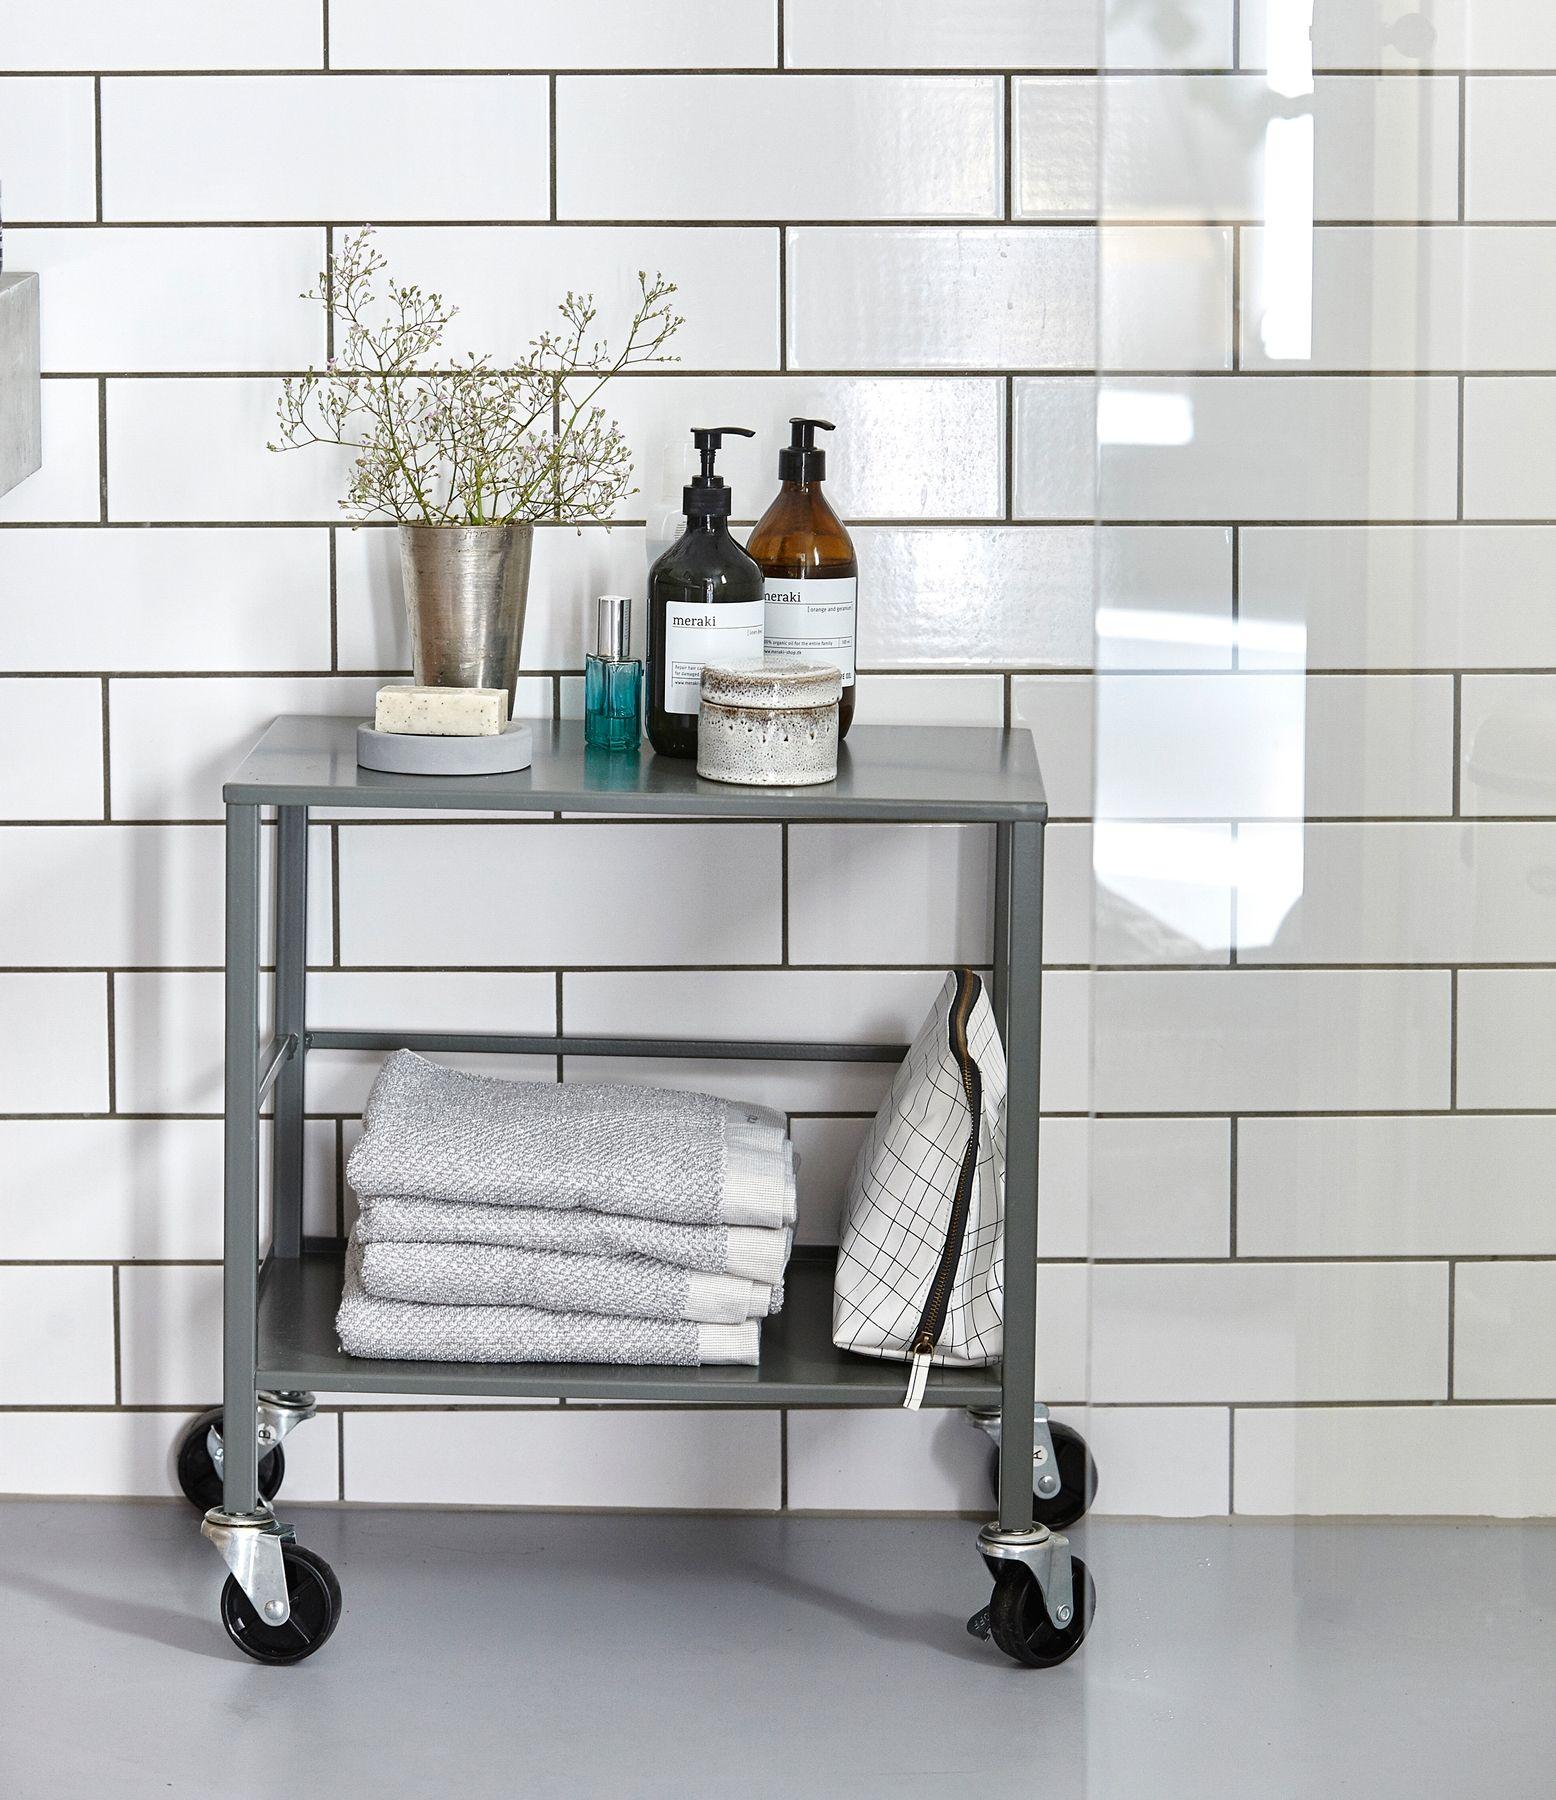 trolley #badkamer #meubel #bijzettafel #drankenwagen #handdoeken ...